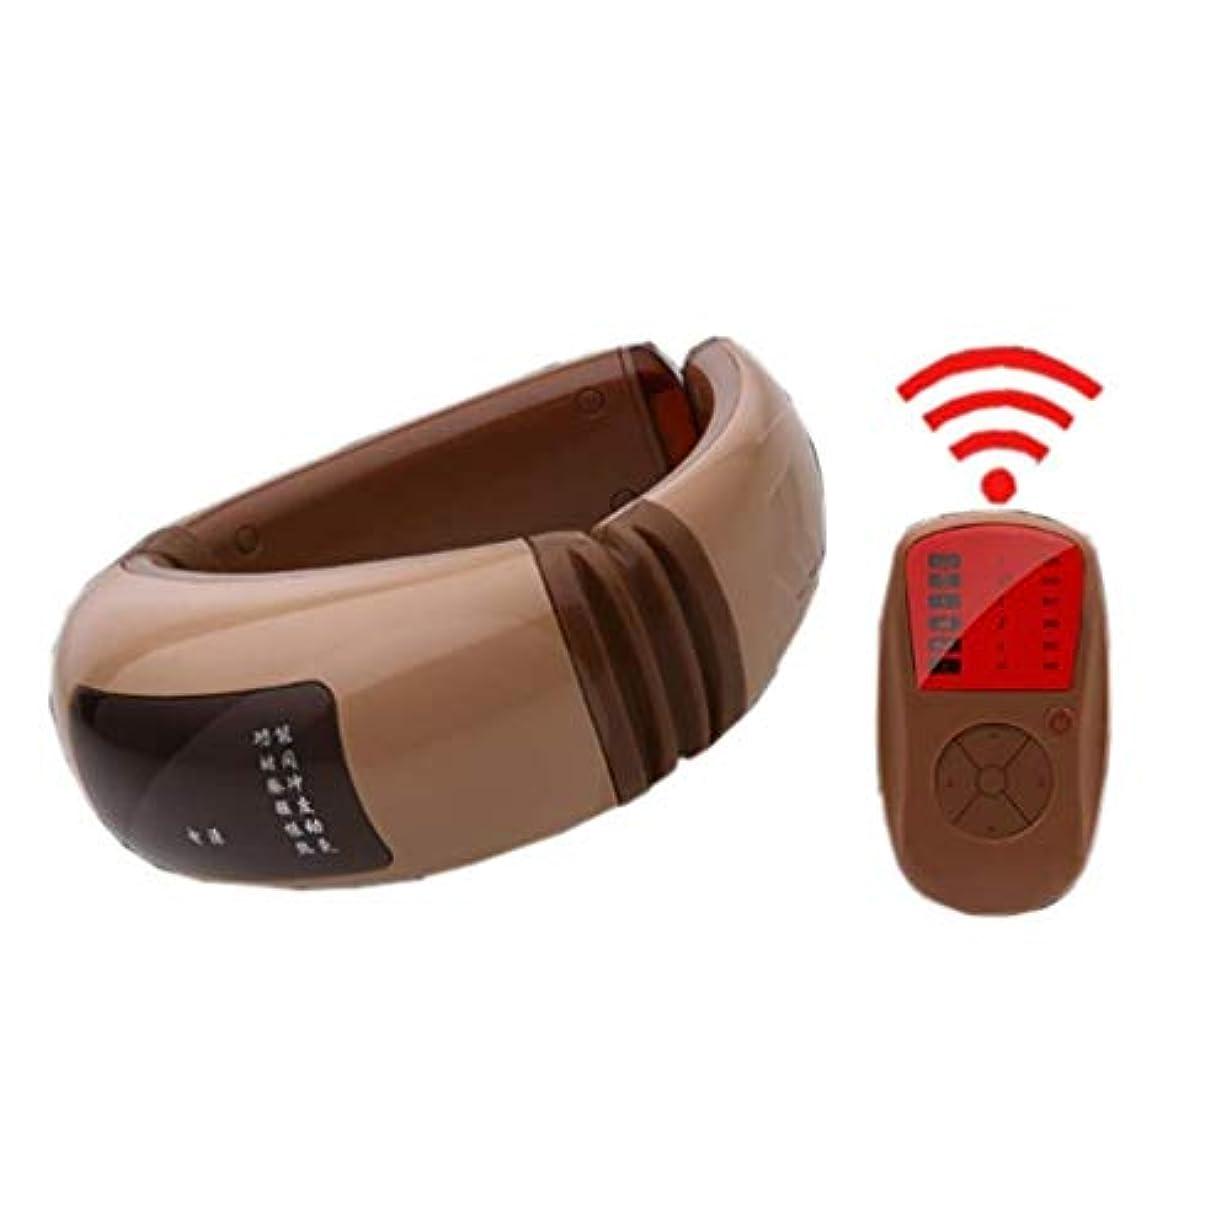 なんとなく概要保証マッサージャー、ポータブルスマートネック振動マッサージャー、USB充電、デジタルディスプレイ、車のホームオフィスで使用